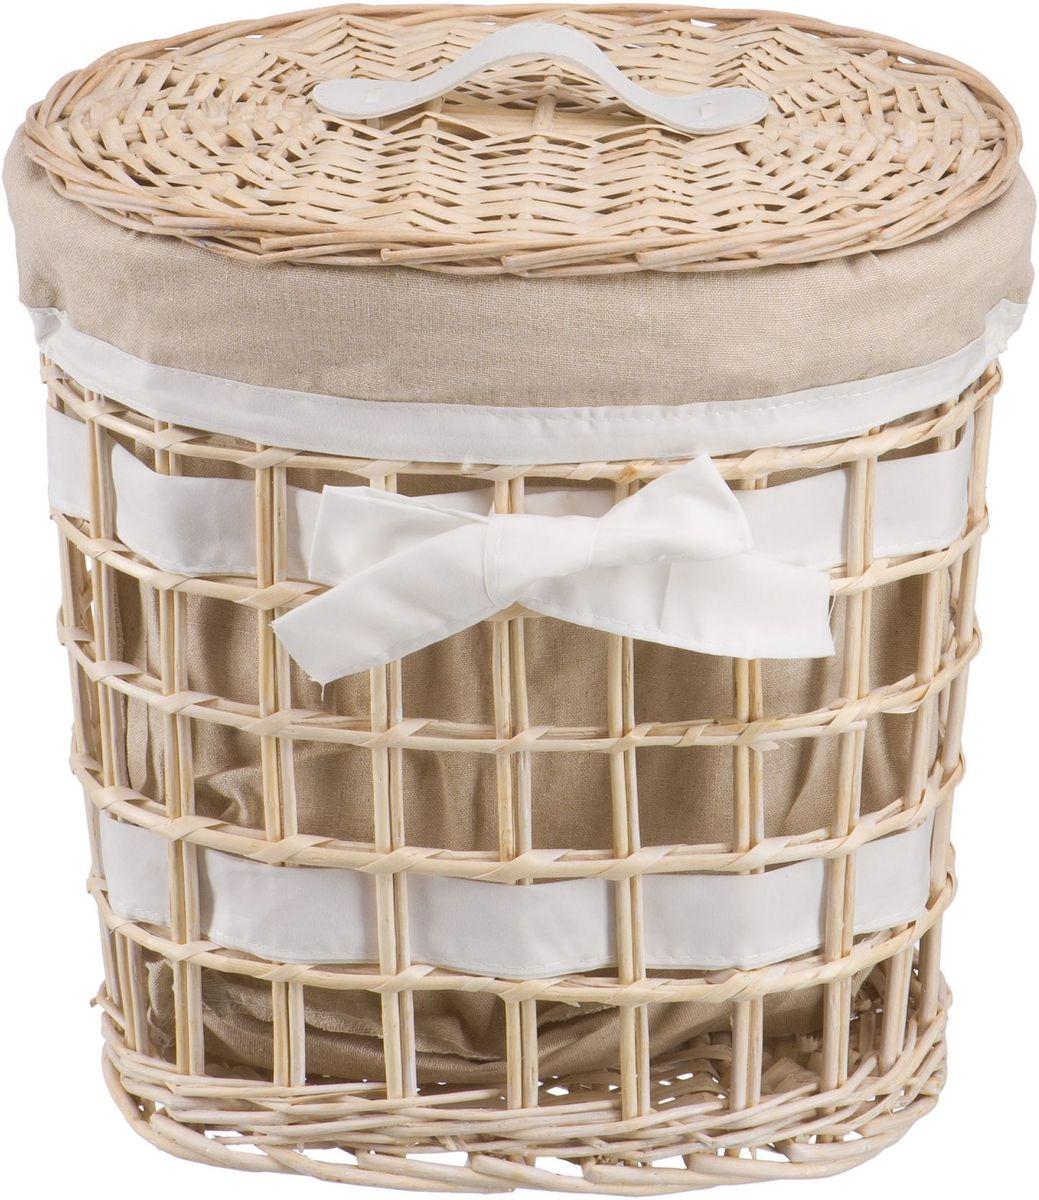 Корзина для белья Natural House Бантик, цвет: молочный, 32 х 21 х 36 см68/5/4Плетеная бельевая корзина Natural House круглой формы с крышкой станет прекрасным дополнением интерьера. Чехол из ткани легко снимается и стирается. При изготовлении корзины используются только натуральные материалы. Поверхность обработана водоотталкивающим и антибактериальным покрытием, поэтому корзину можно использовать в ванных комнатах.Материалы изготовления корзины: лоза ивы, ткань.